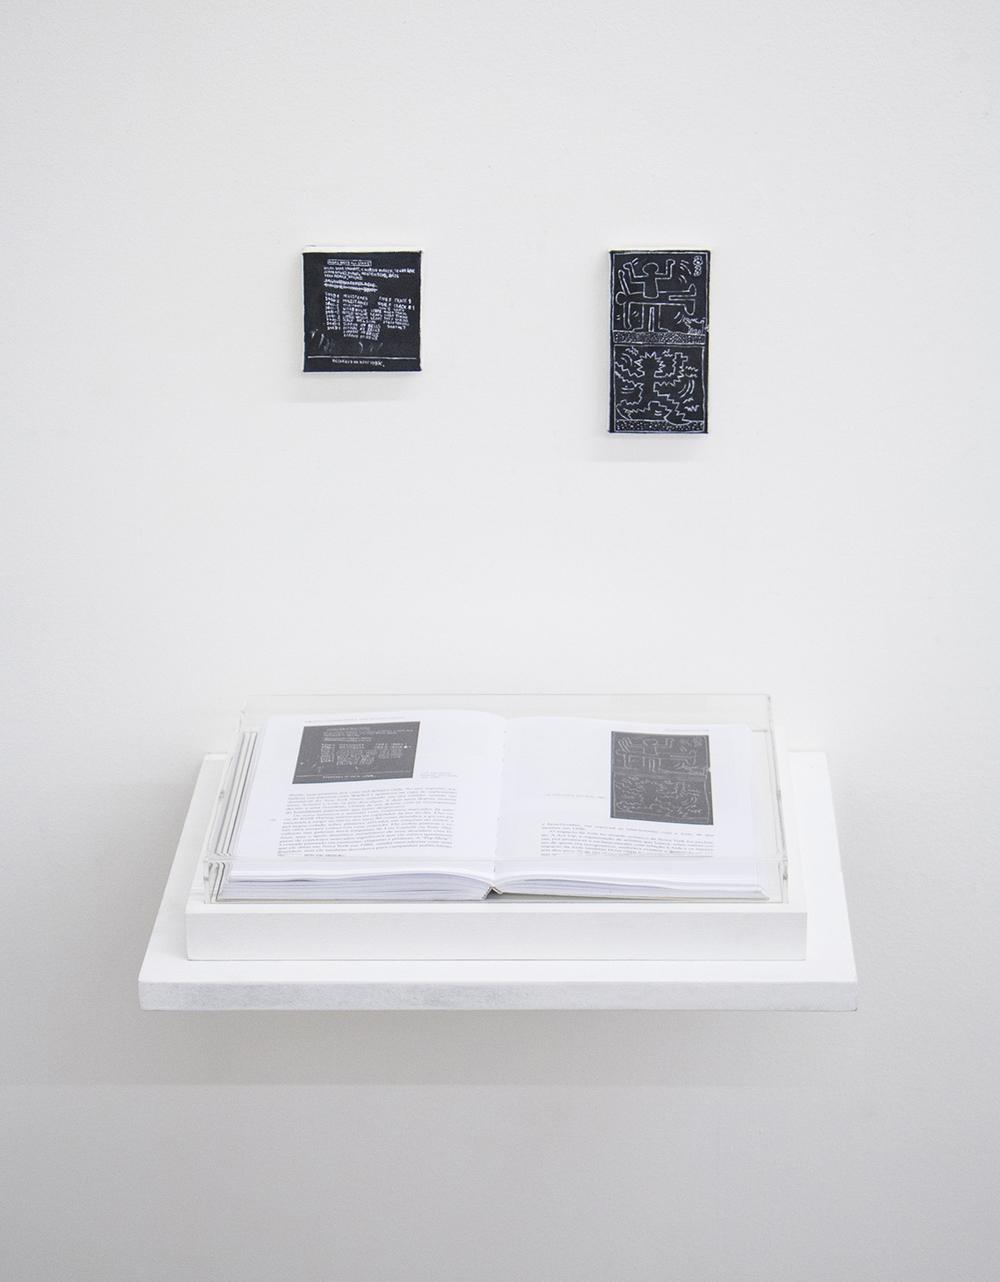 Páginas 174 e 175 (série Foi Assim Que Me Ensinaram) •2014 •Livro emoldurado, óleo sobre tela •21,5 x 31 cm (livro), 7,3 x 7,5 cm, 6,1 x 11,8 cm